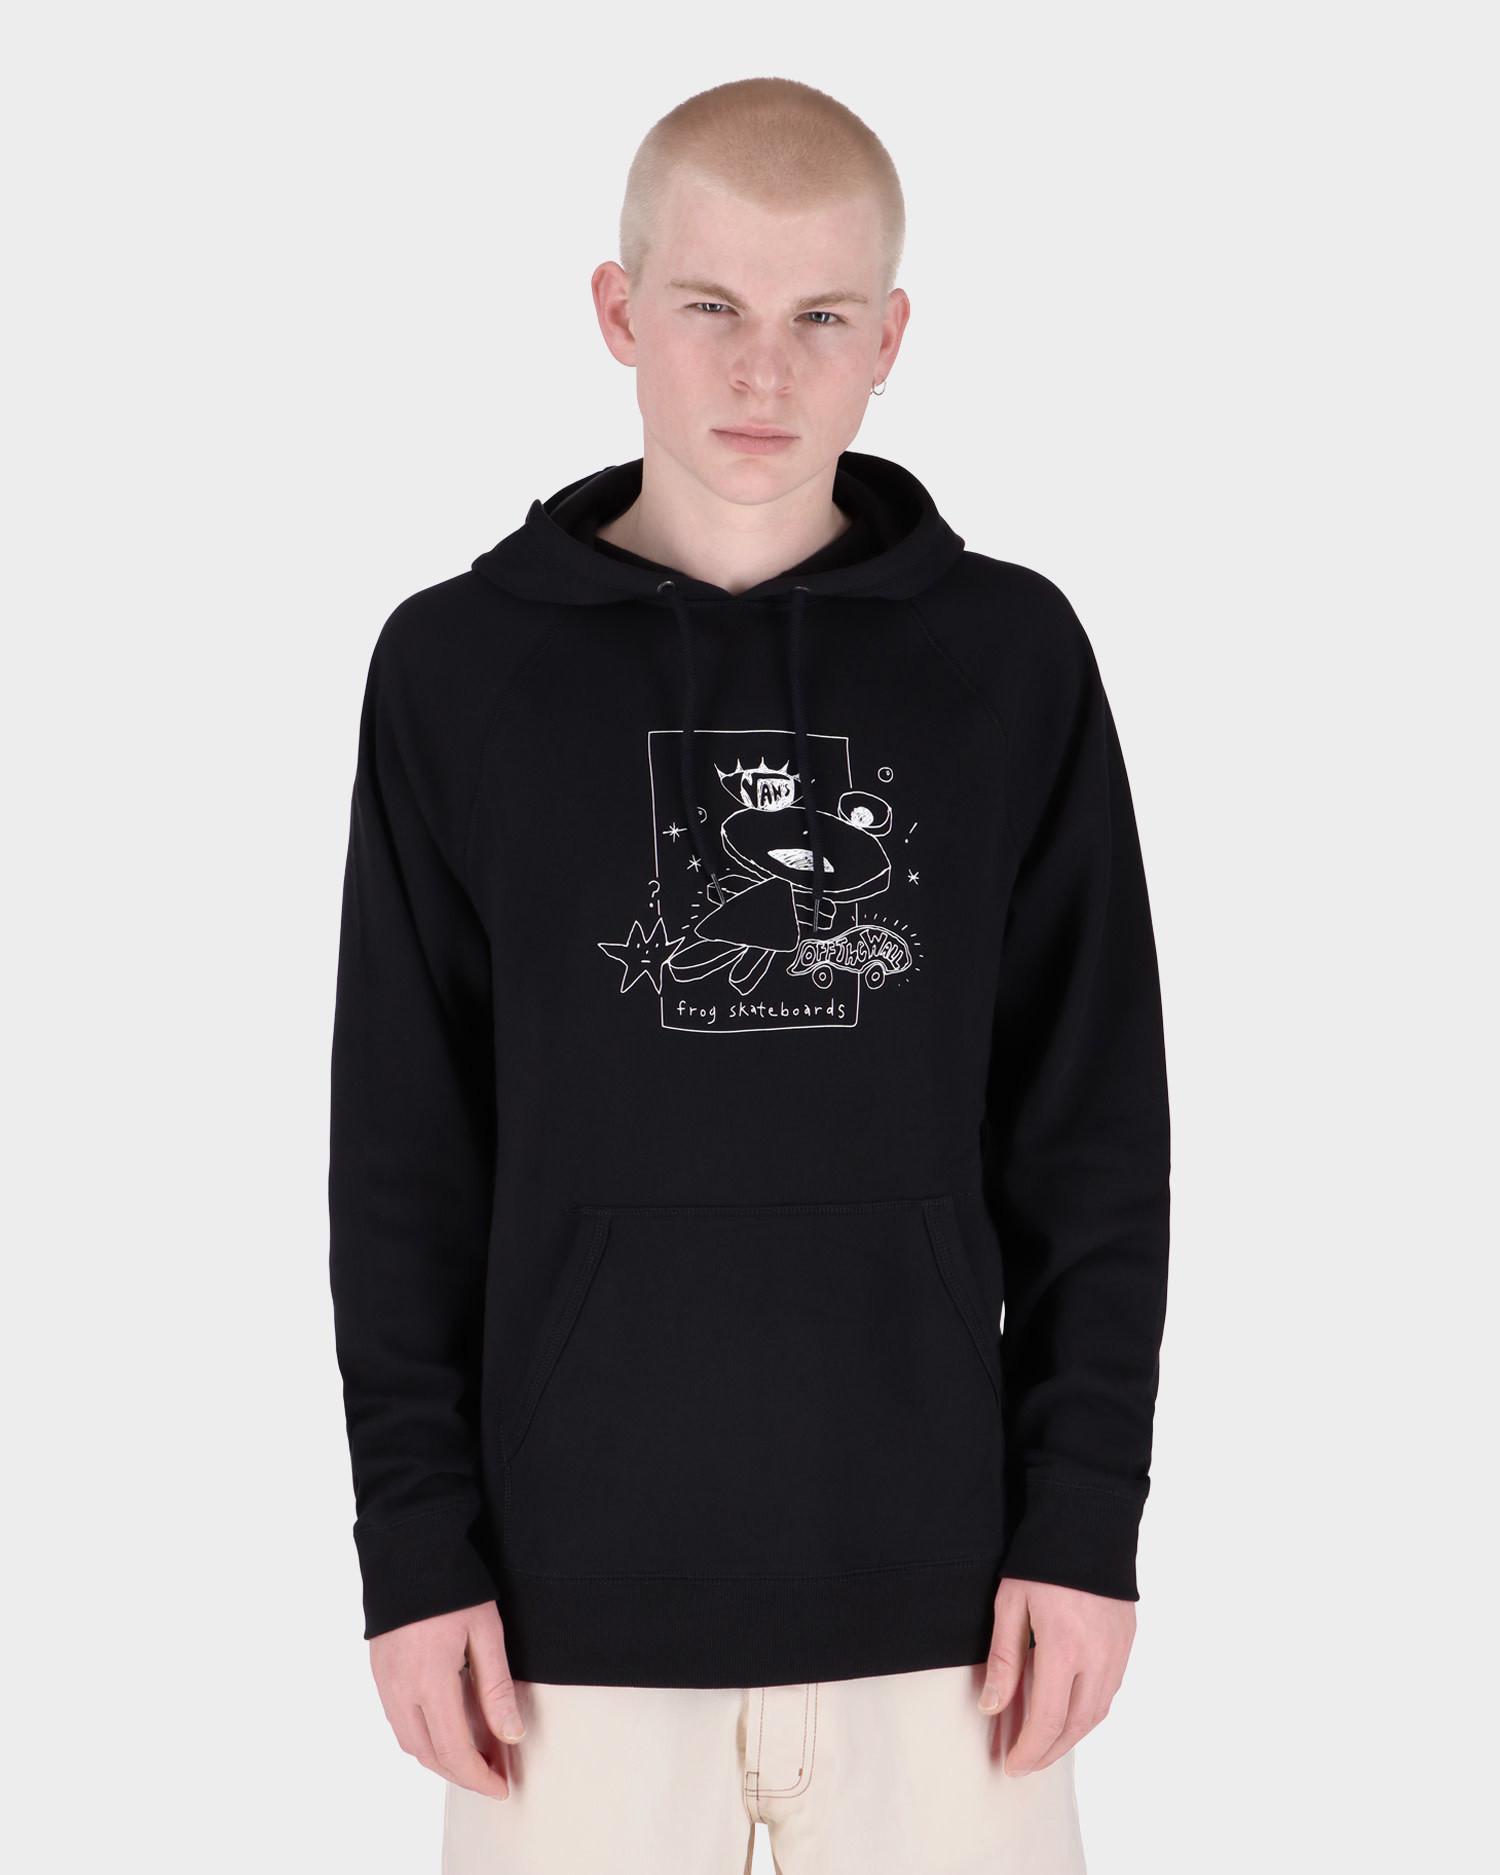 Vans X Frog skateboards Versa Hoodie Black